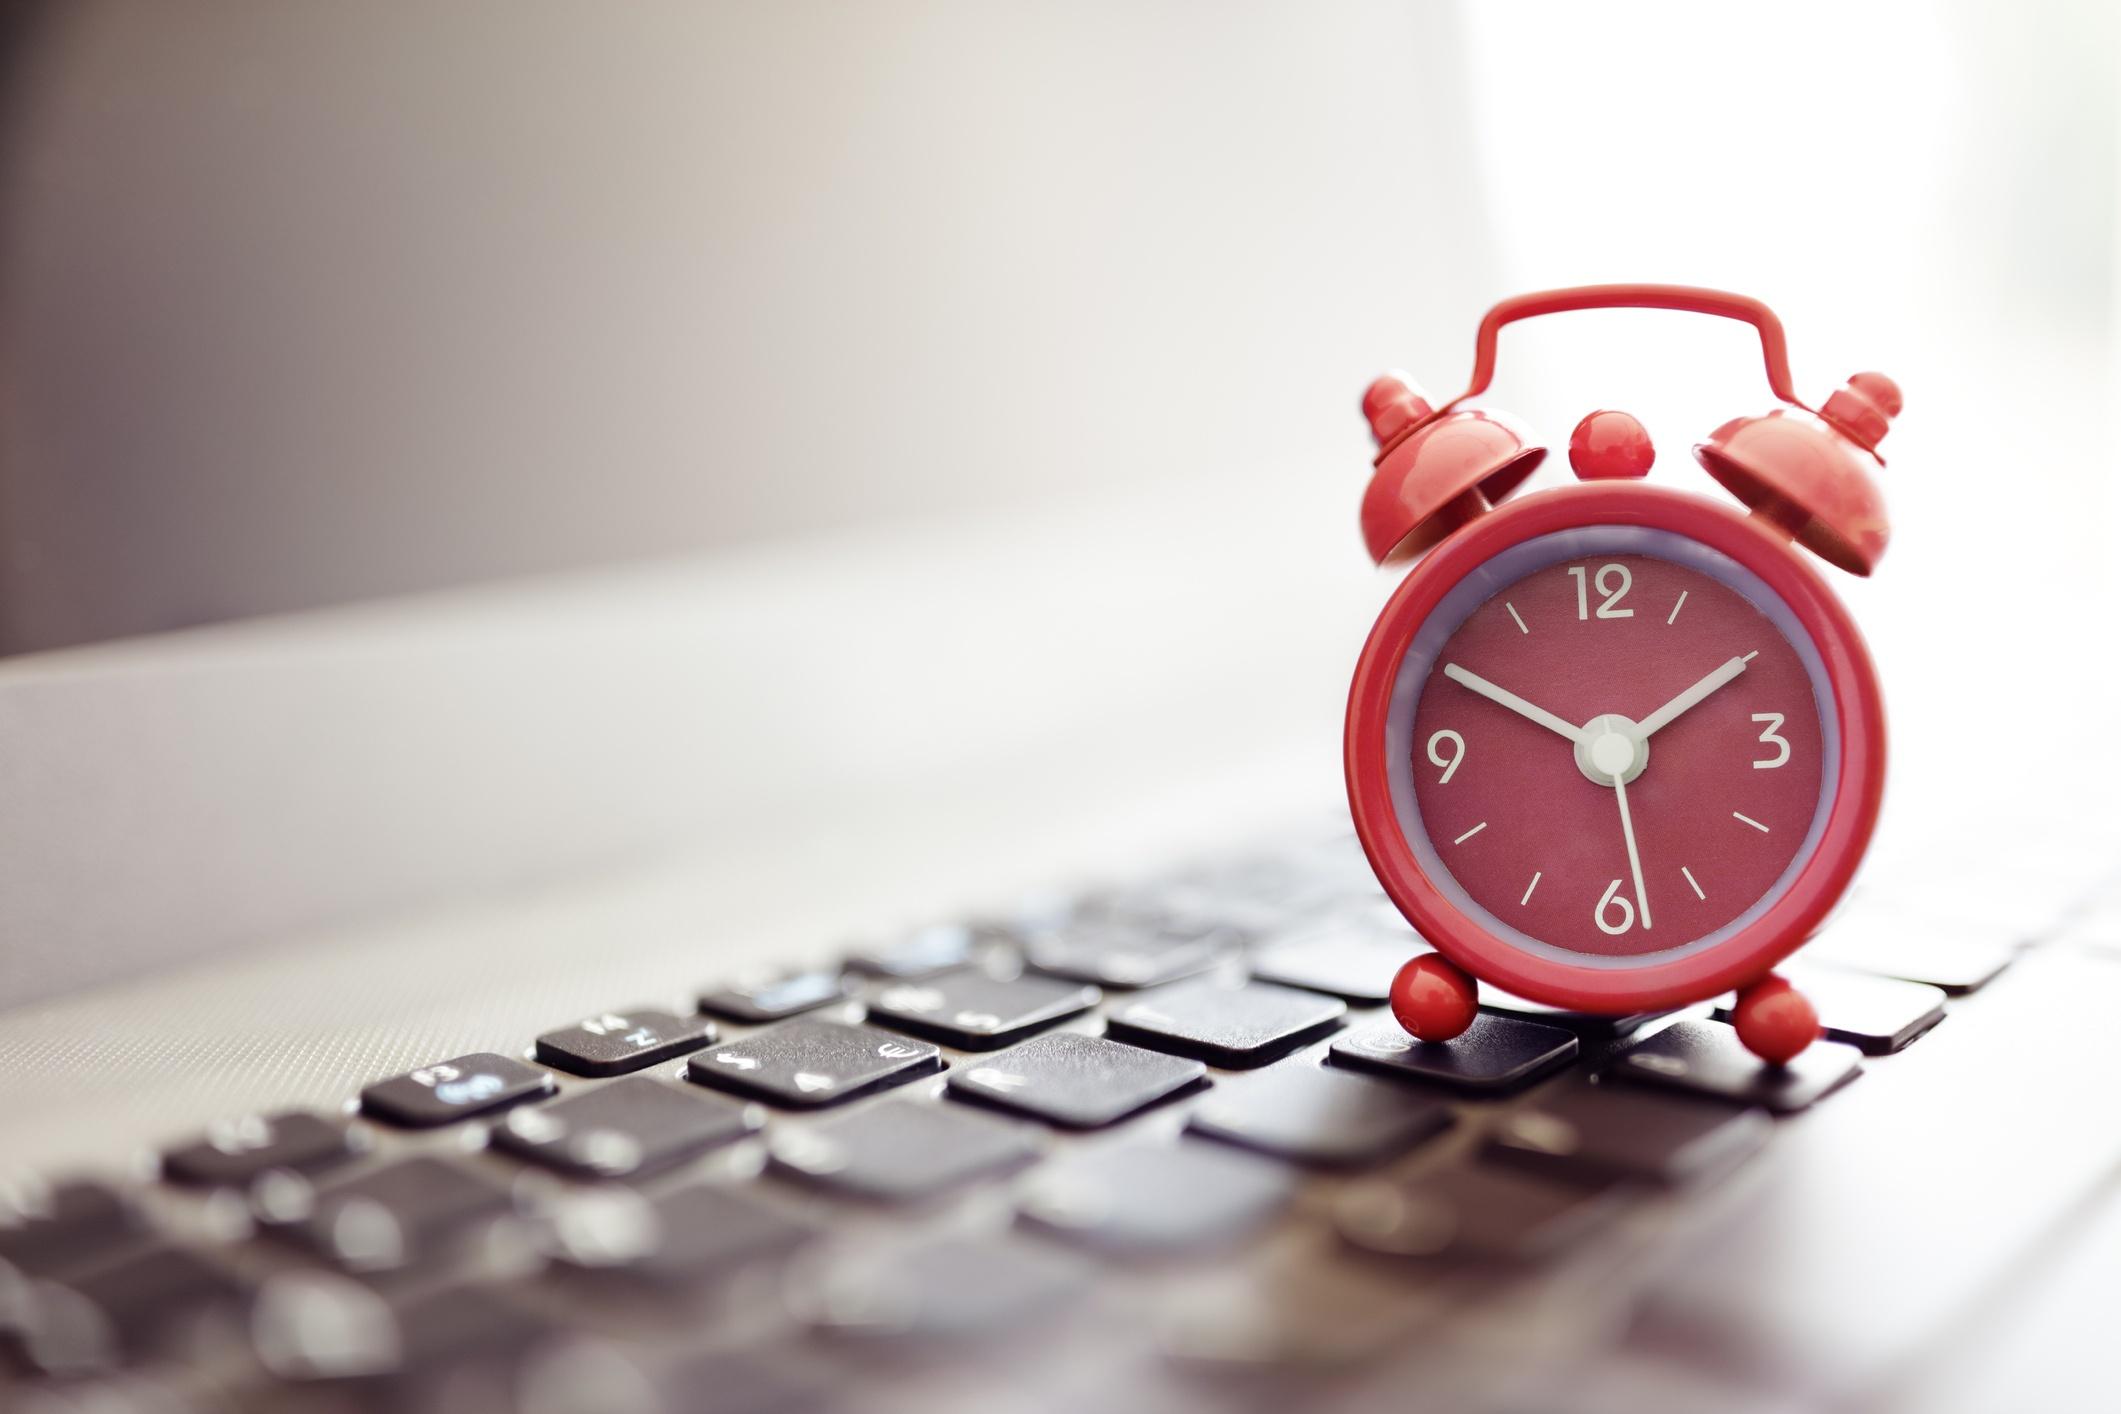 Il momento giusto per pubblicare sui social